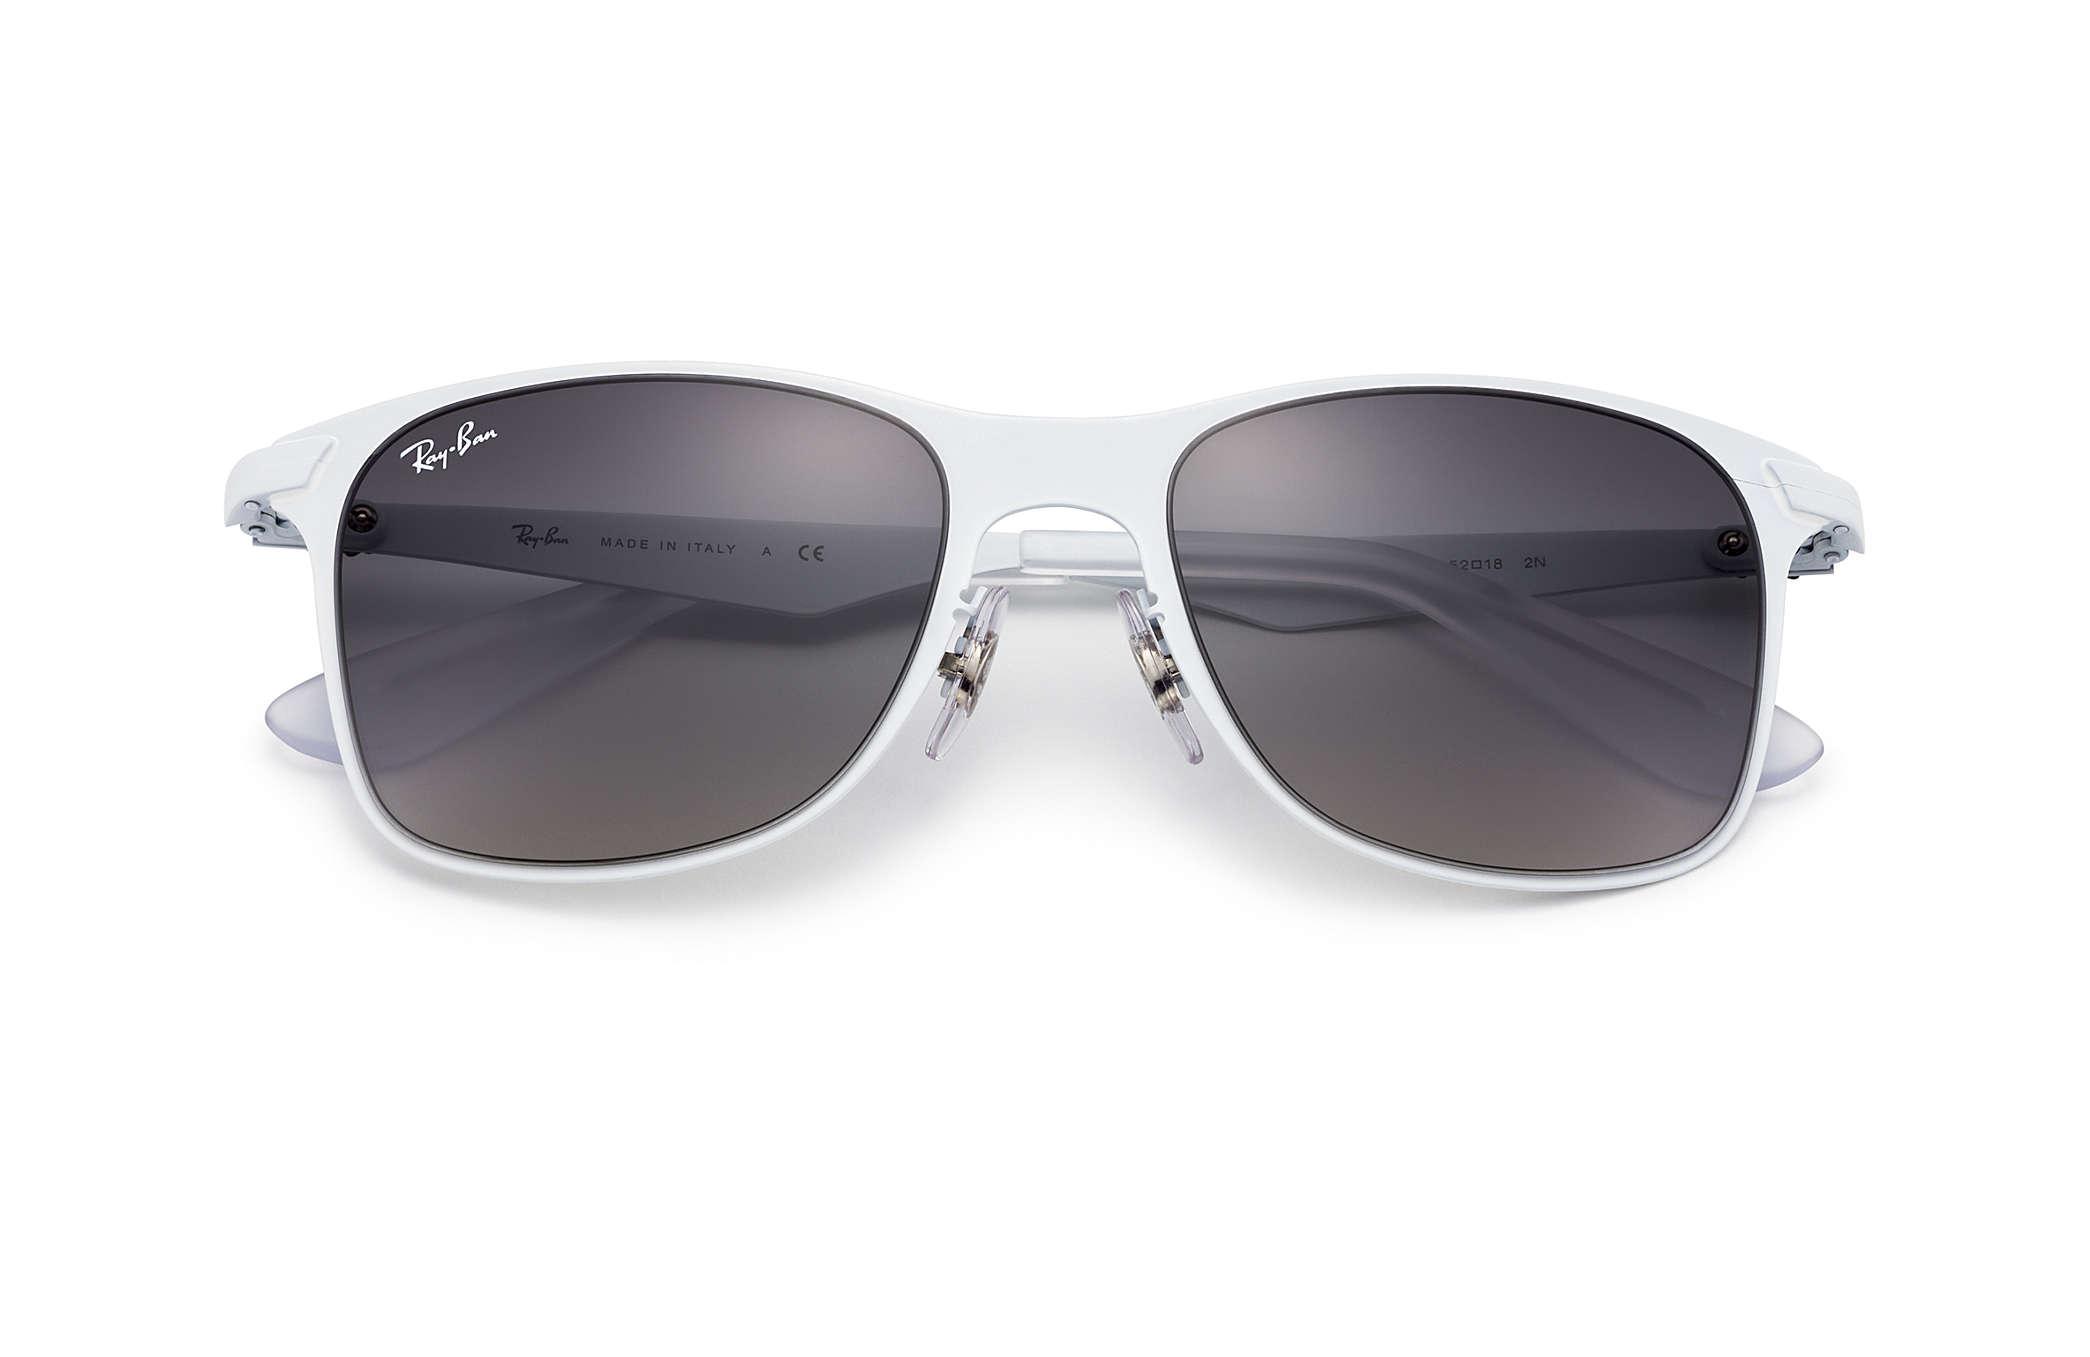 ff19172af1 Ray-Ban Wayfarer Flat Metal RB3521 White - Metal - Grey Lenses ...